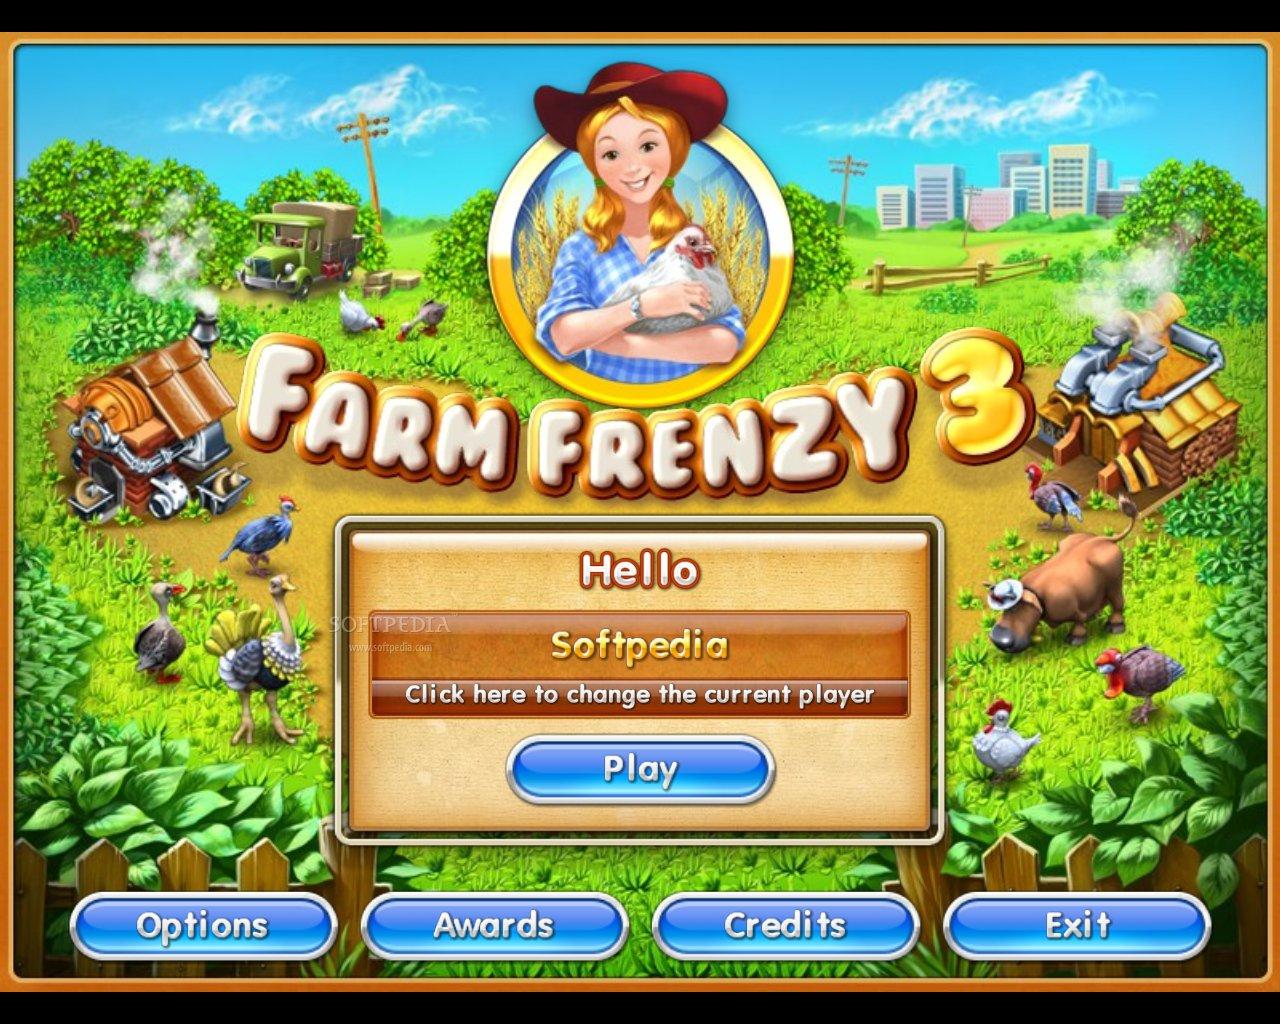 http://4.bp.blogspot.com/-JQyp6Rjfg4w/T-yjT4M6b8I/AAAAAAAAAEY/DrU8FQ_wicU/s1600/farm-frenzy-.jpg